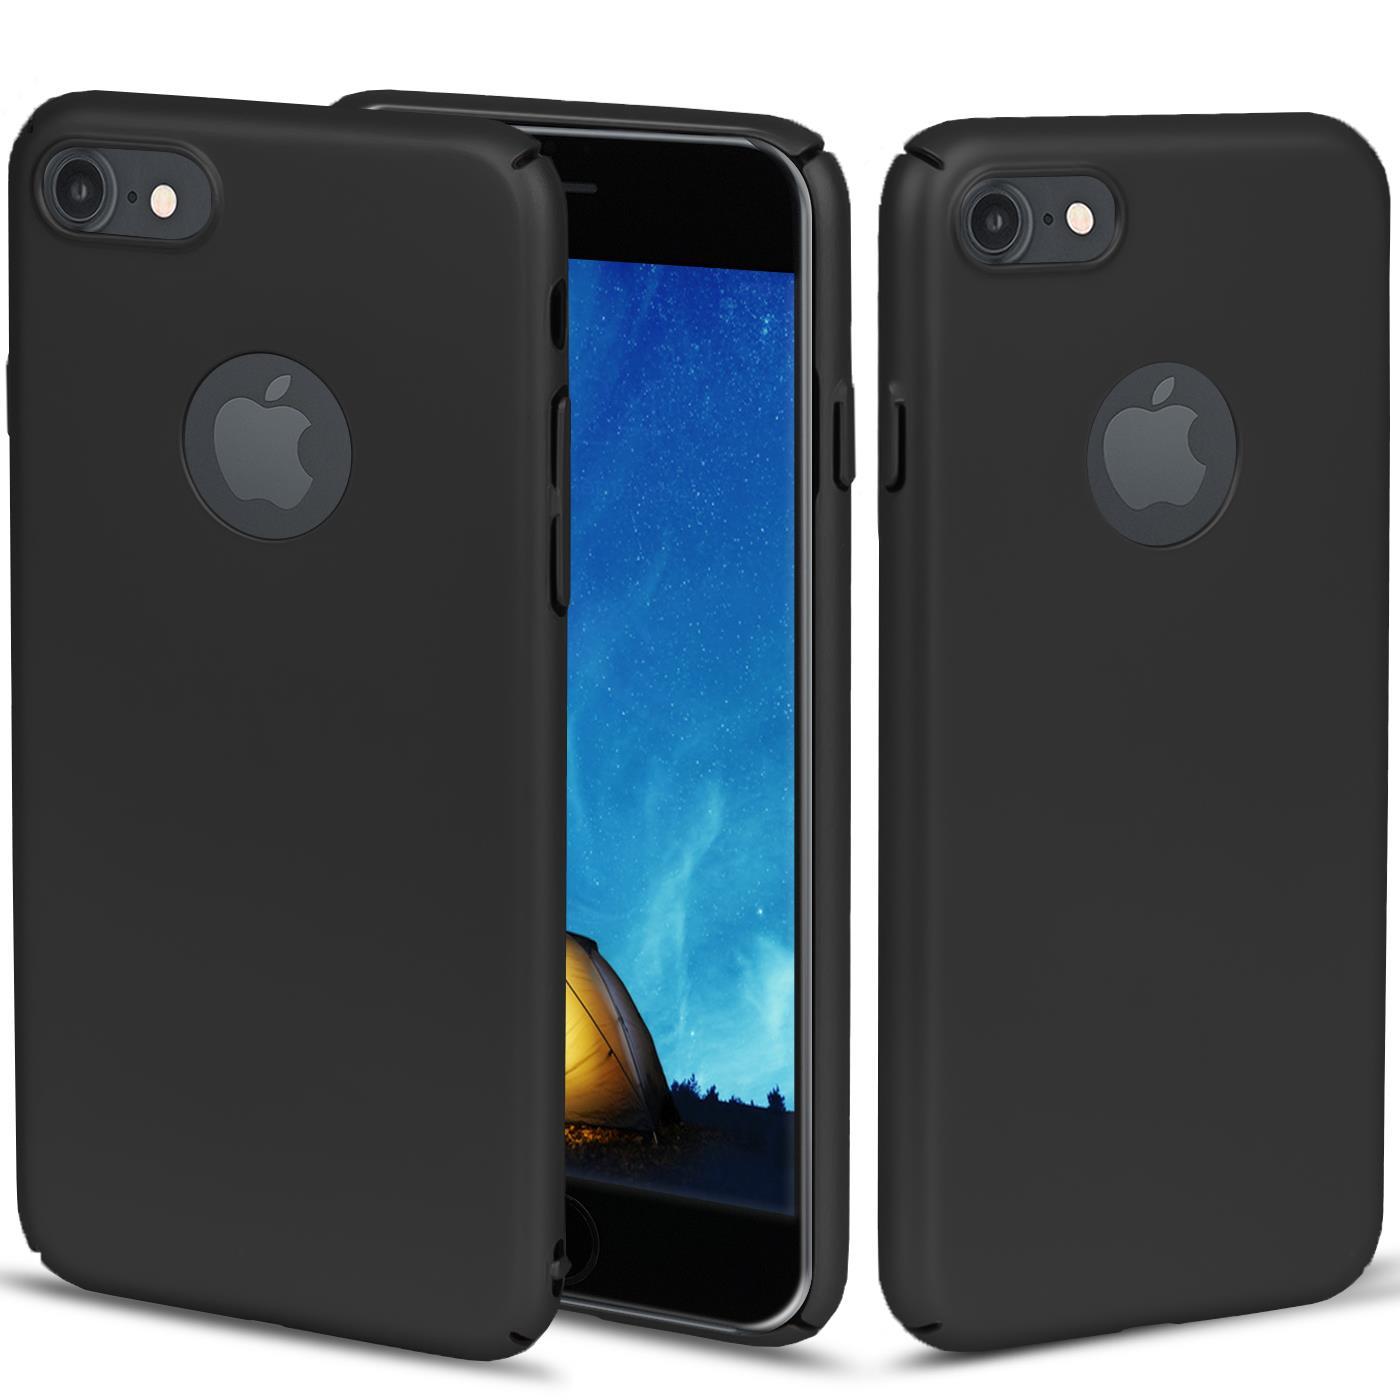 Slim-Cover-Schutzhuelle-Apple-iPhone-Handy-Schutz-Tasche-Huelle-Glas-Panzer-Folie Indexbild 13